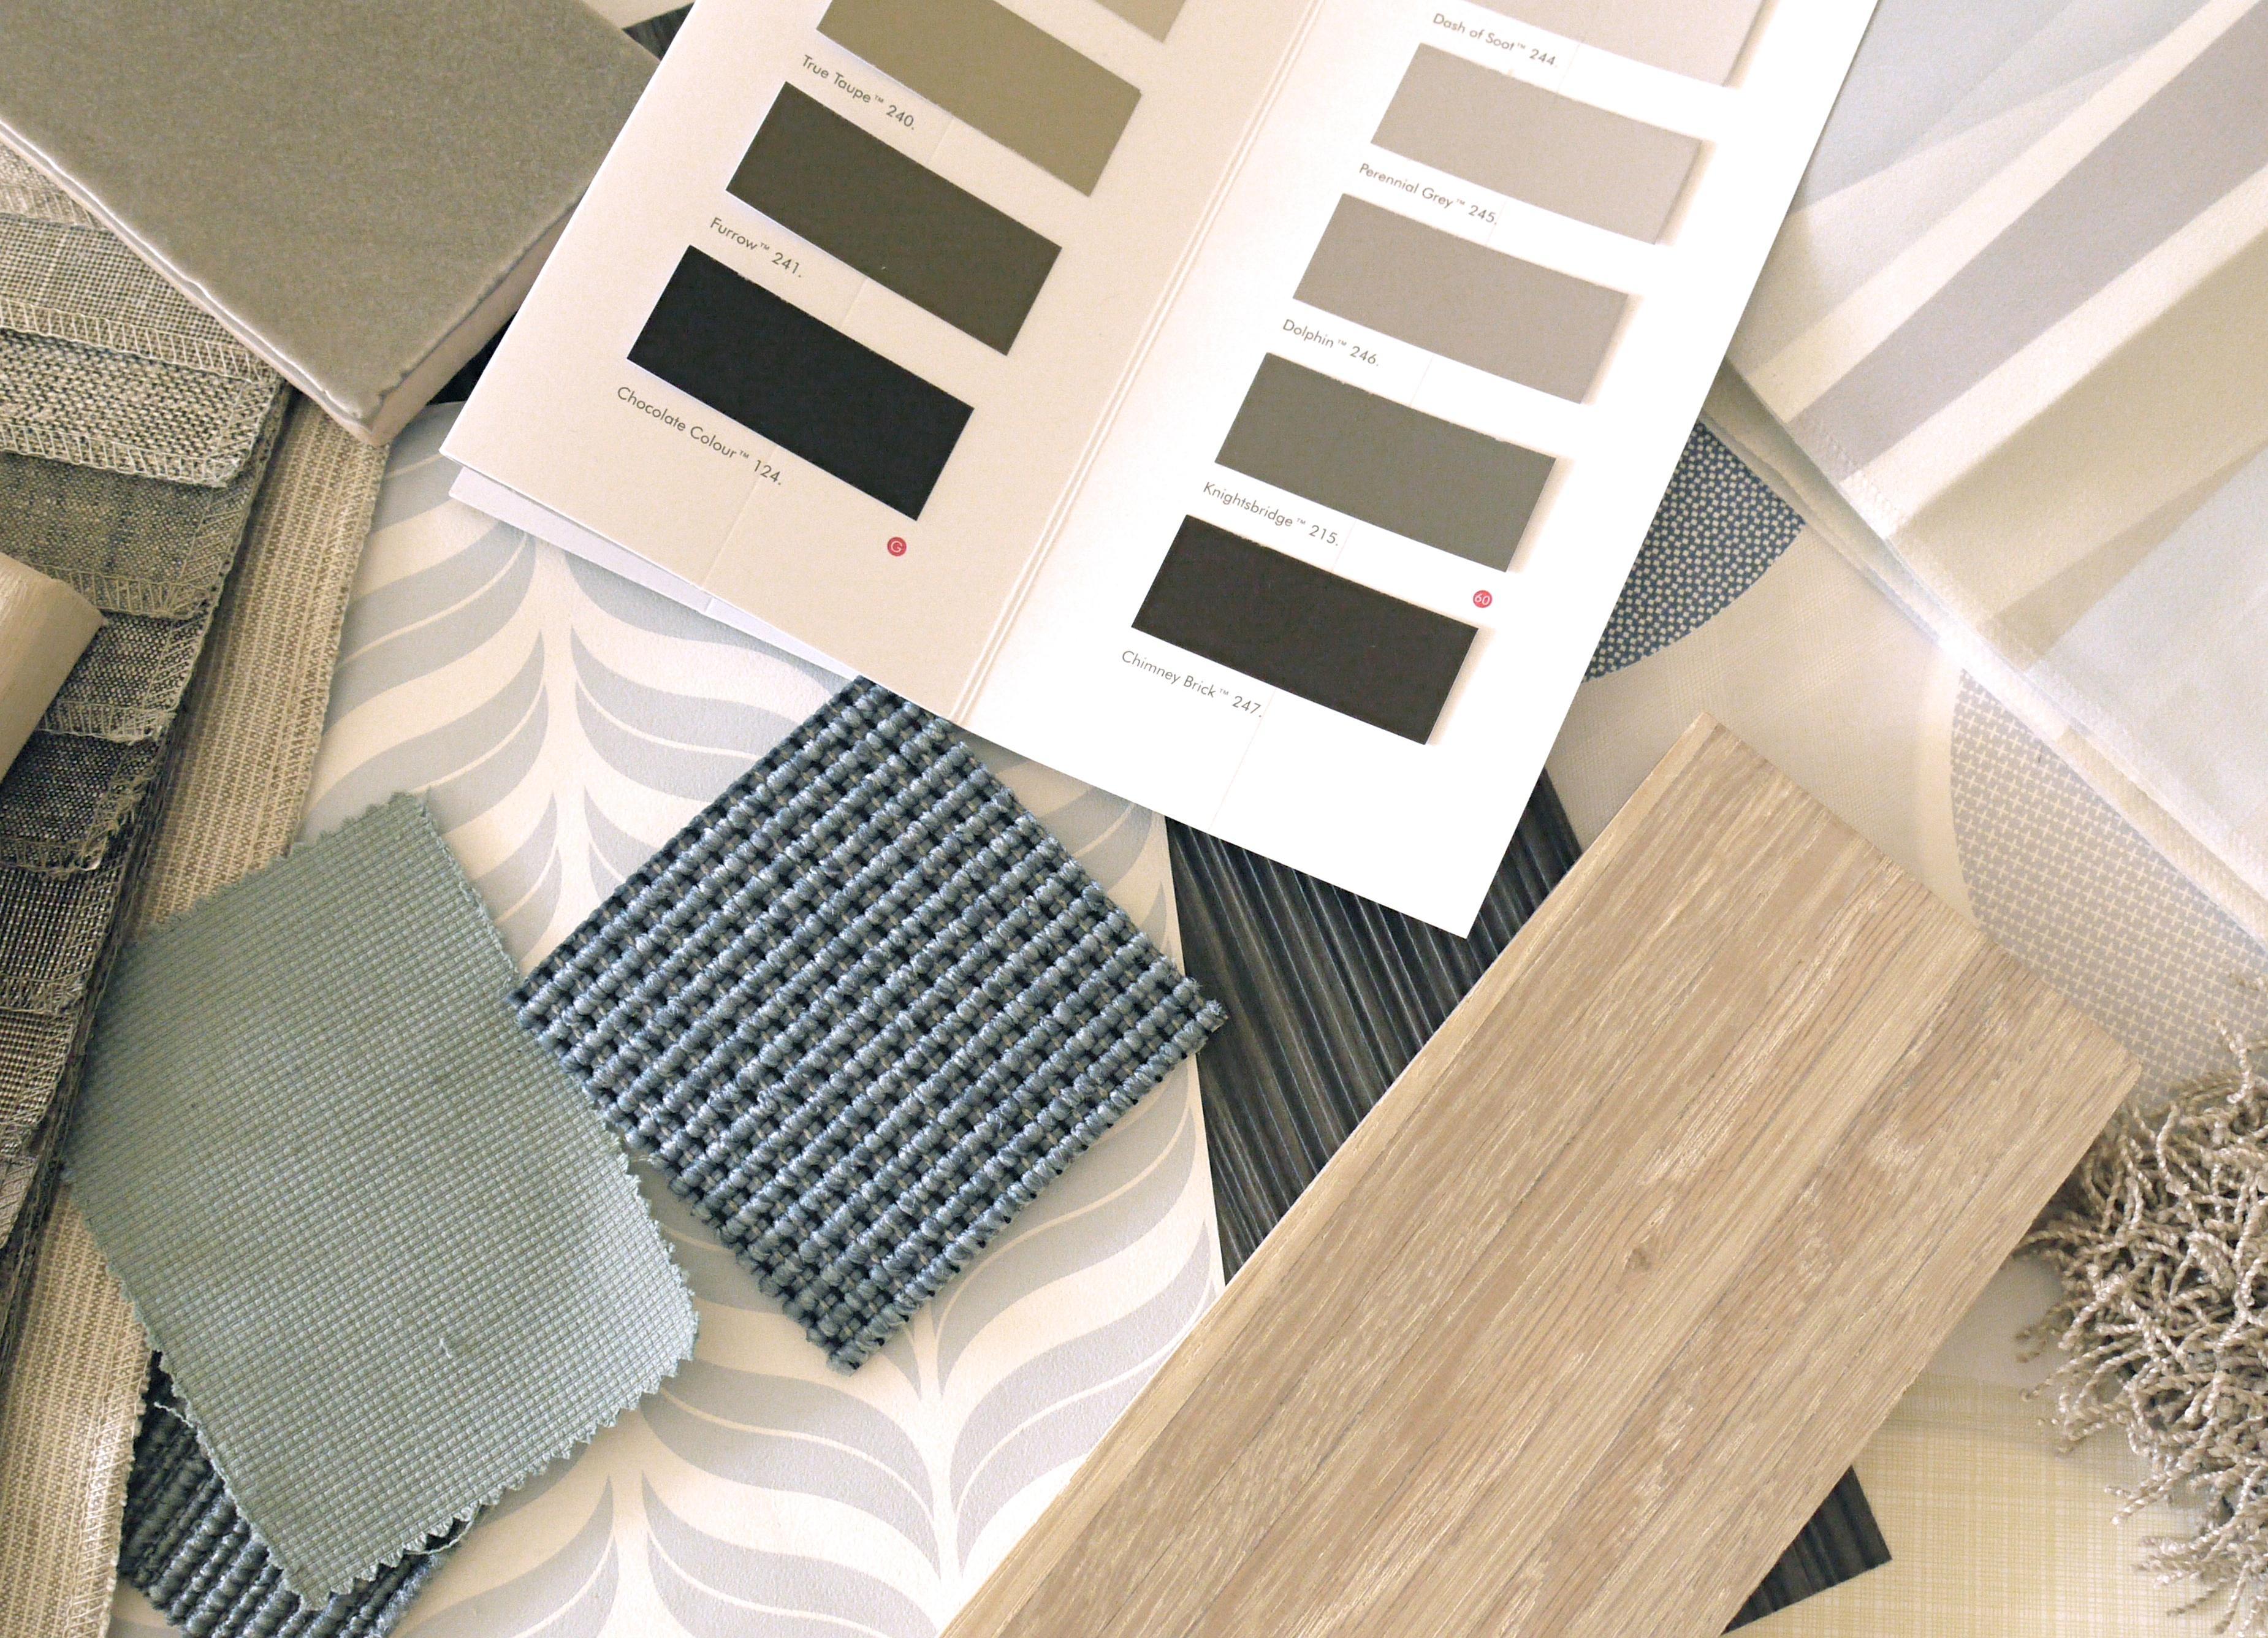 Einrichtungsbeispiele Für Eine Wohnung #teppich #moodboard #eichenboden  ©Anke Lietzke